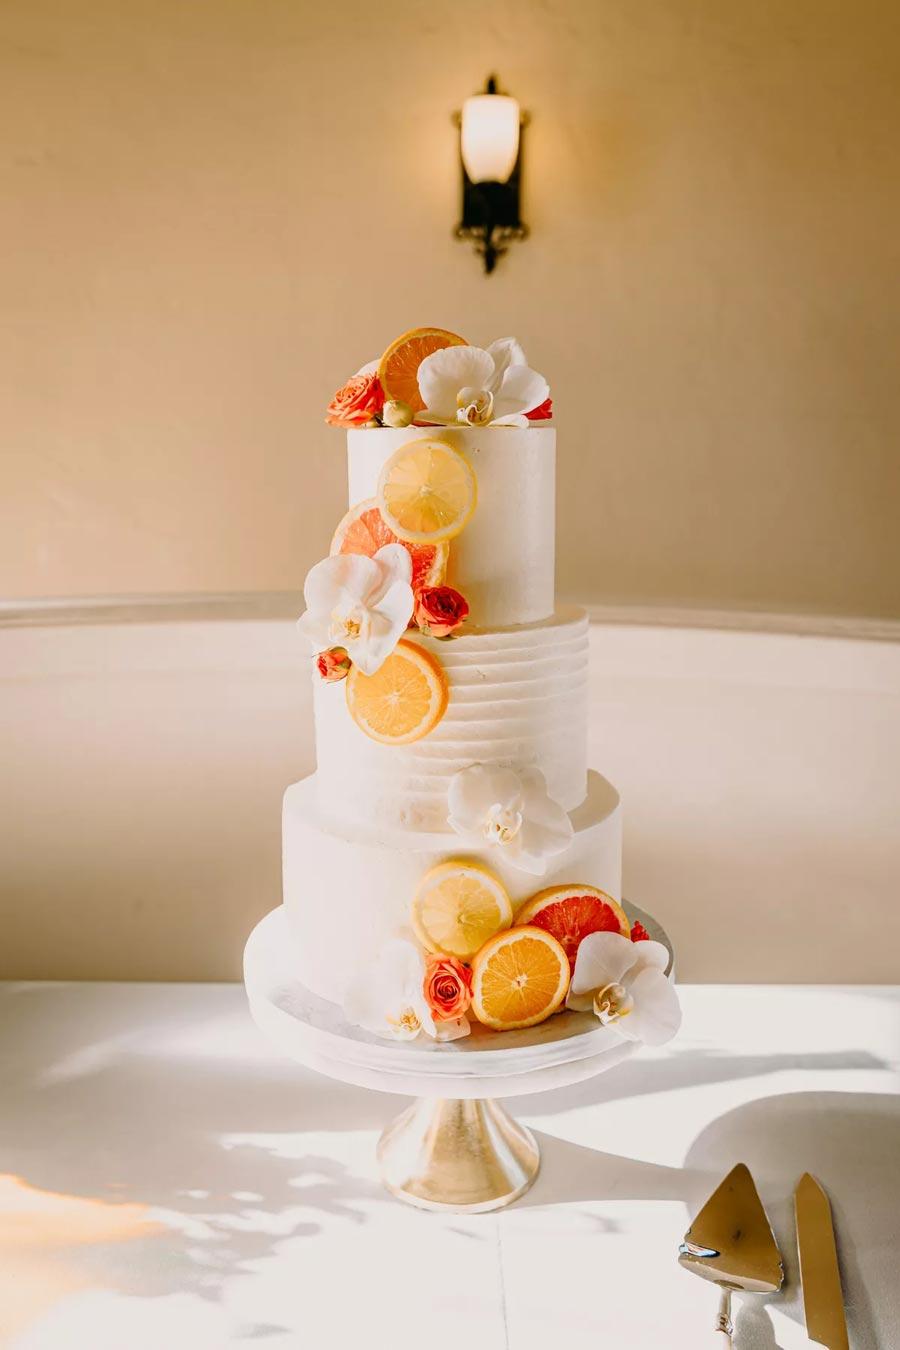 20 новых идей для свадьбы 2022 18